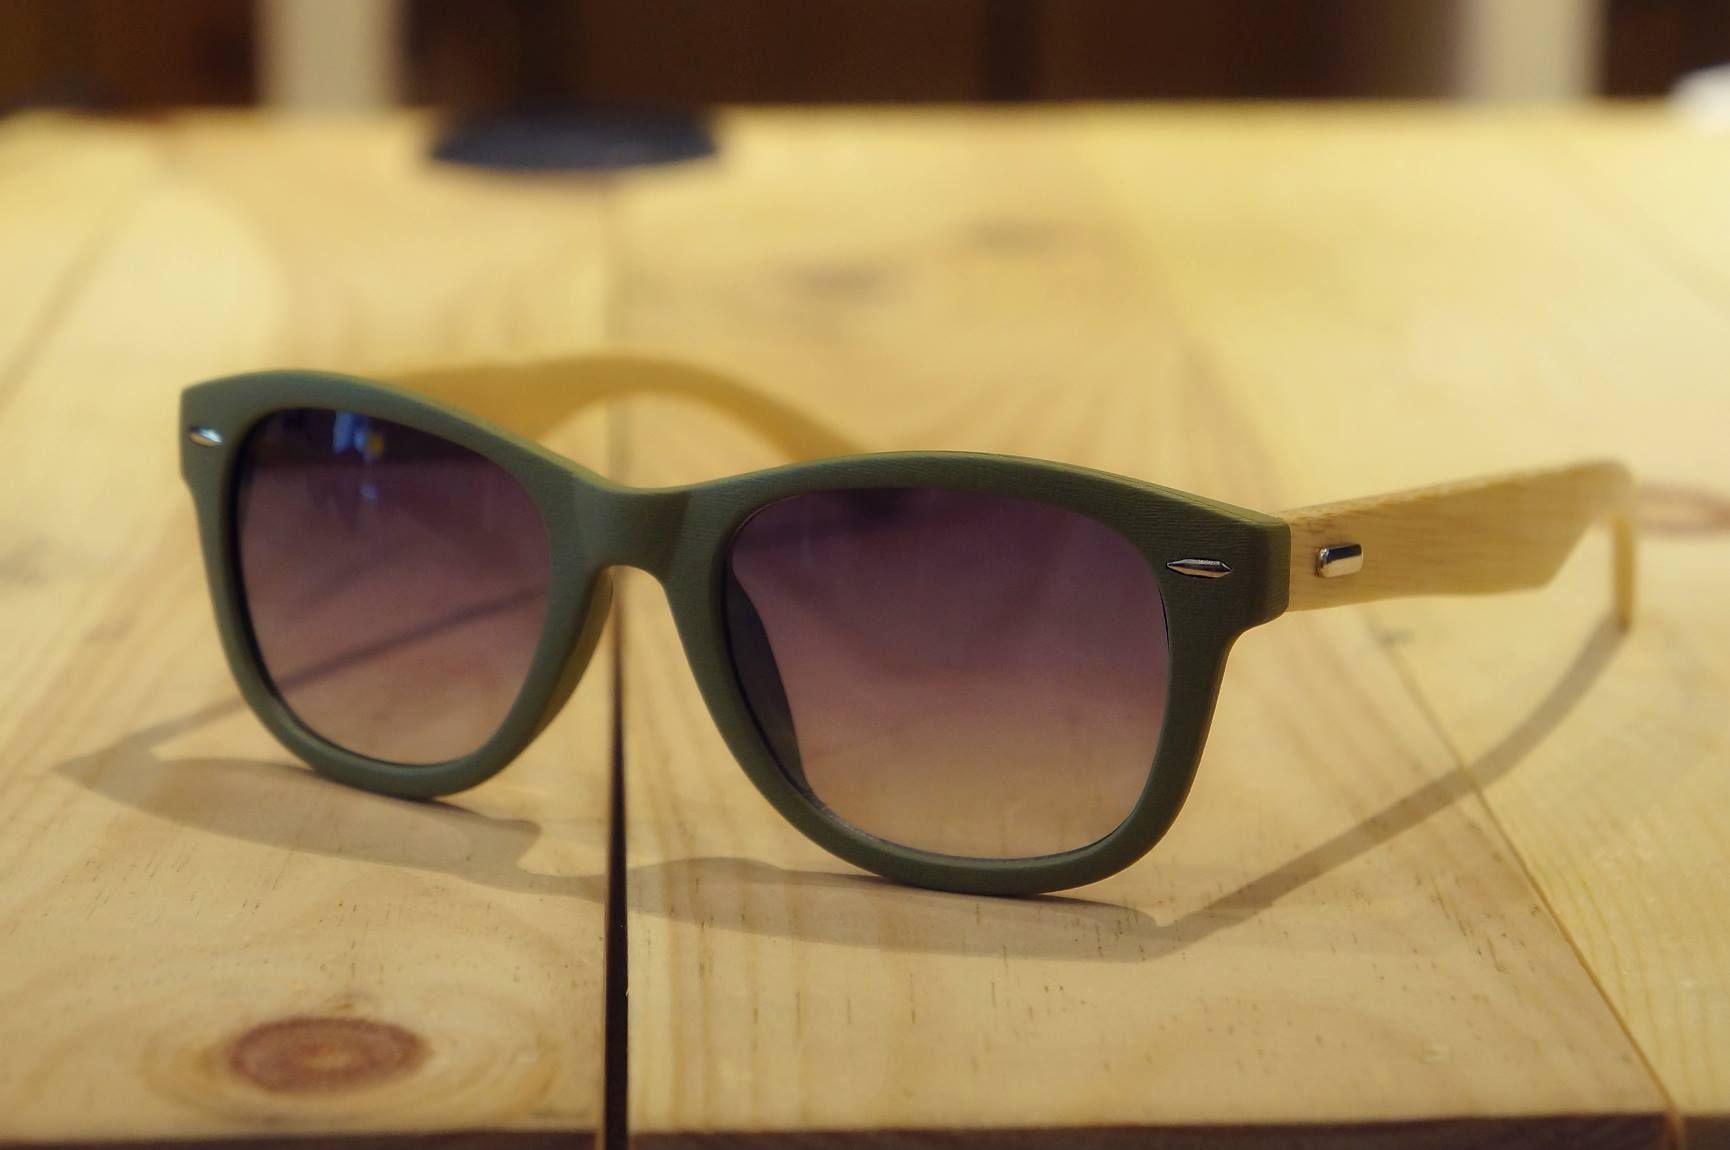 Groene zonnebril Deze elegante zonnebril is gemaakt met gerecycleerde materialen en bamboe  Een goede bescherming voor je ogen tegen het felle zonlicht met UV400 Protection  geleverd met handig opbergzakje en clean doekje   Beschikbaar in  Zwart  Bruin   Grijs   Leopard motief  Leuke zonnebril voor hem en haar